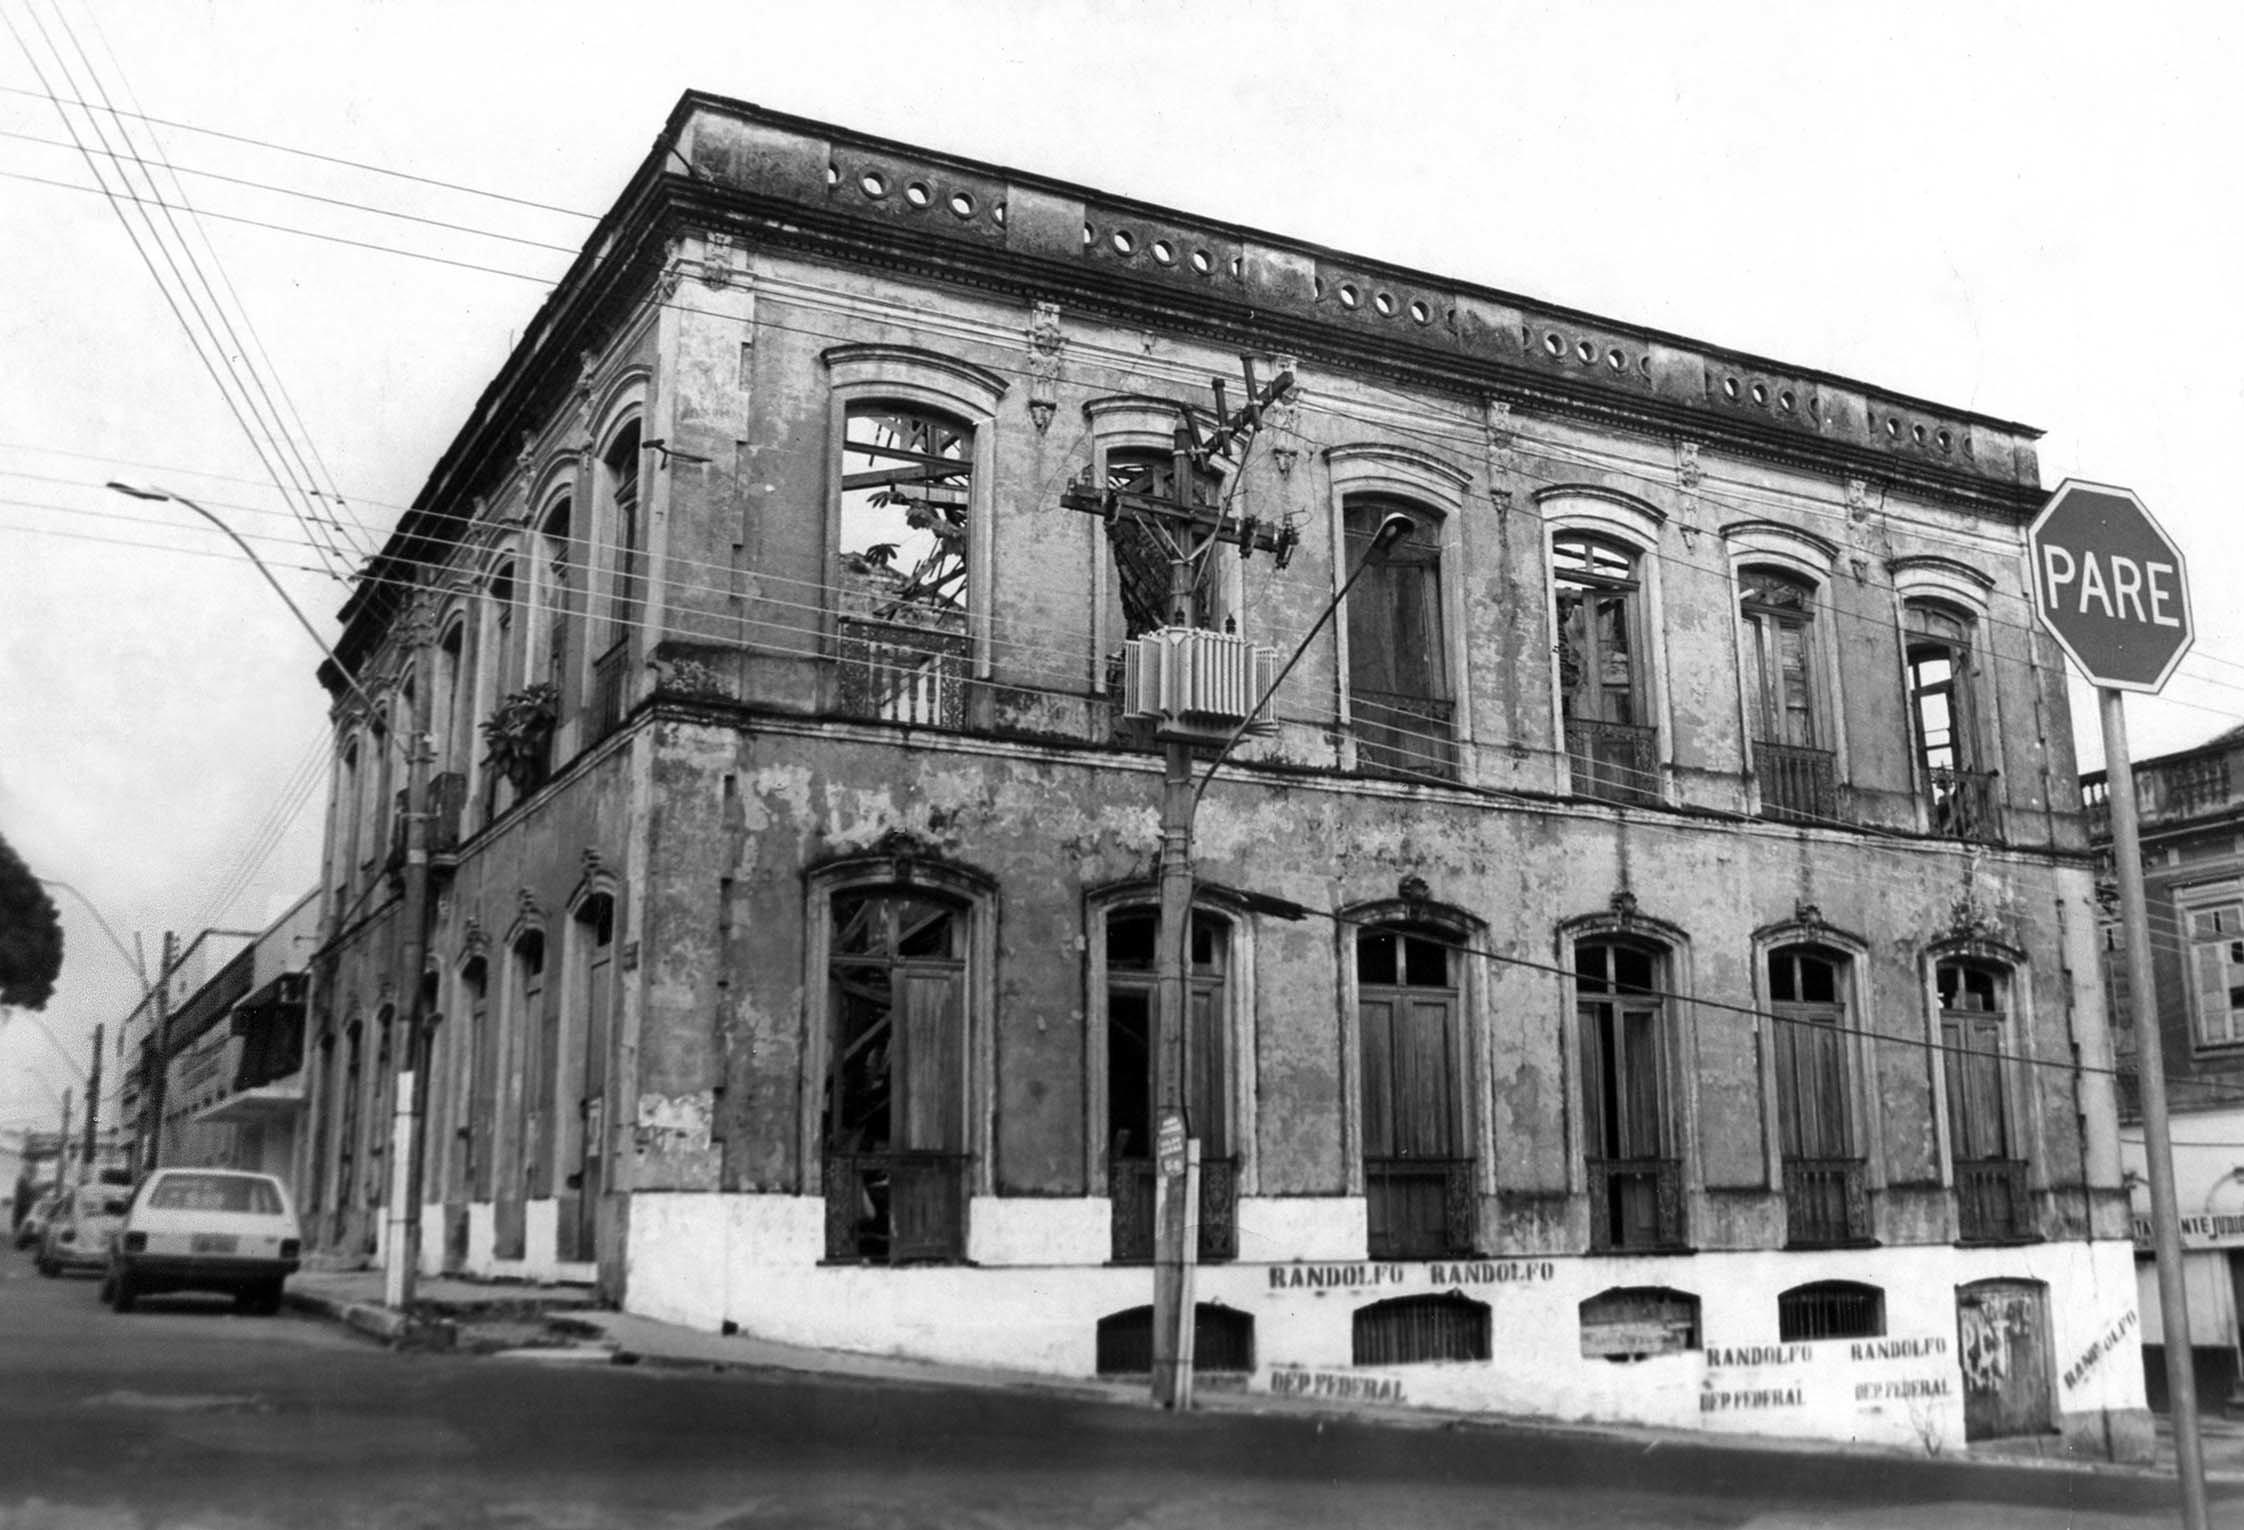 Vista das Ruínas do Antigo Hotel Cassina